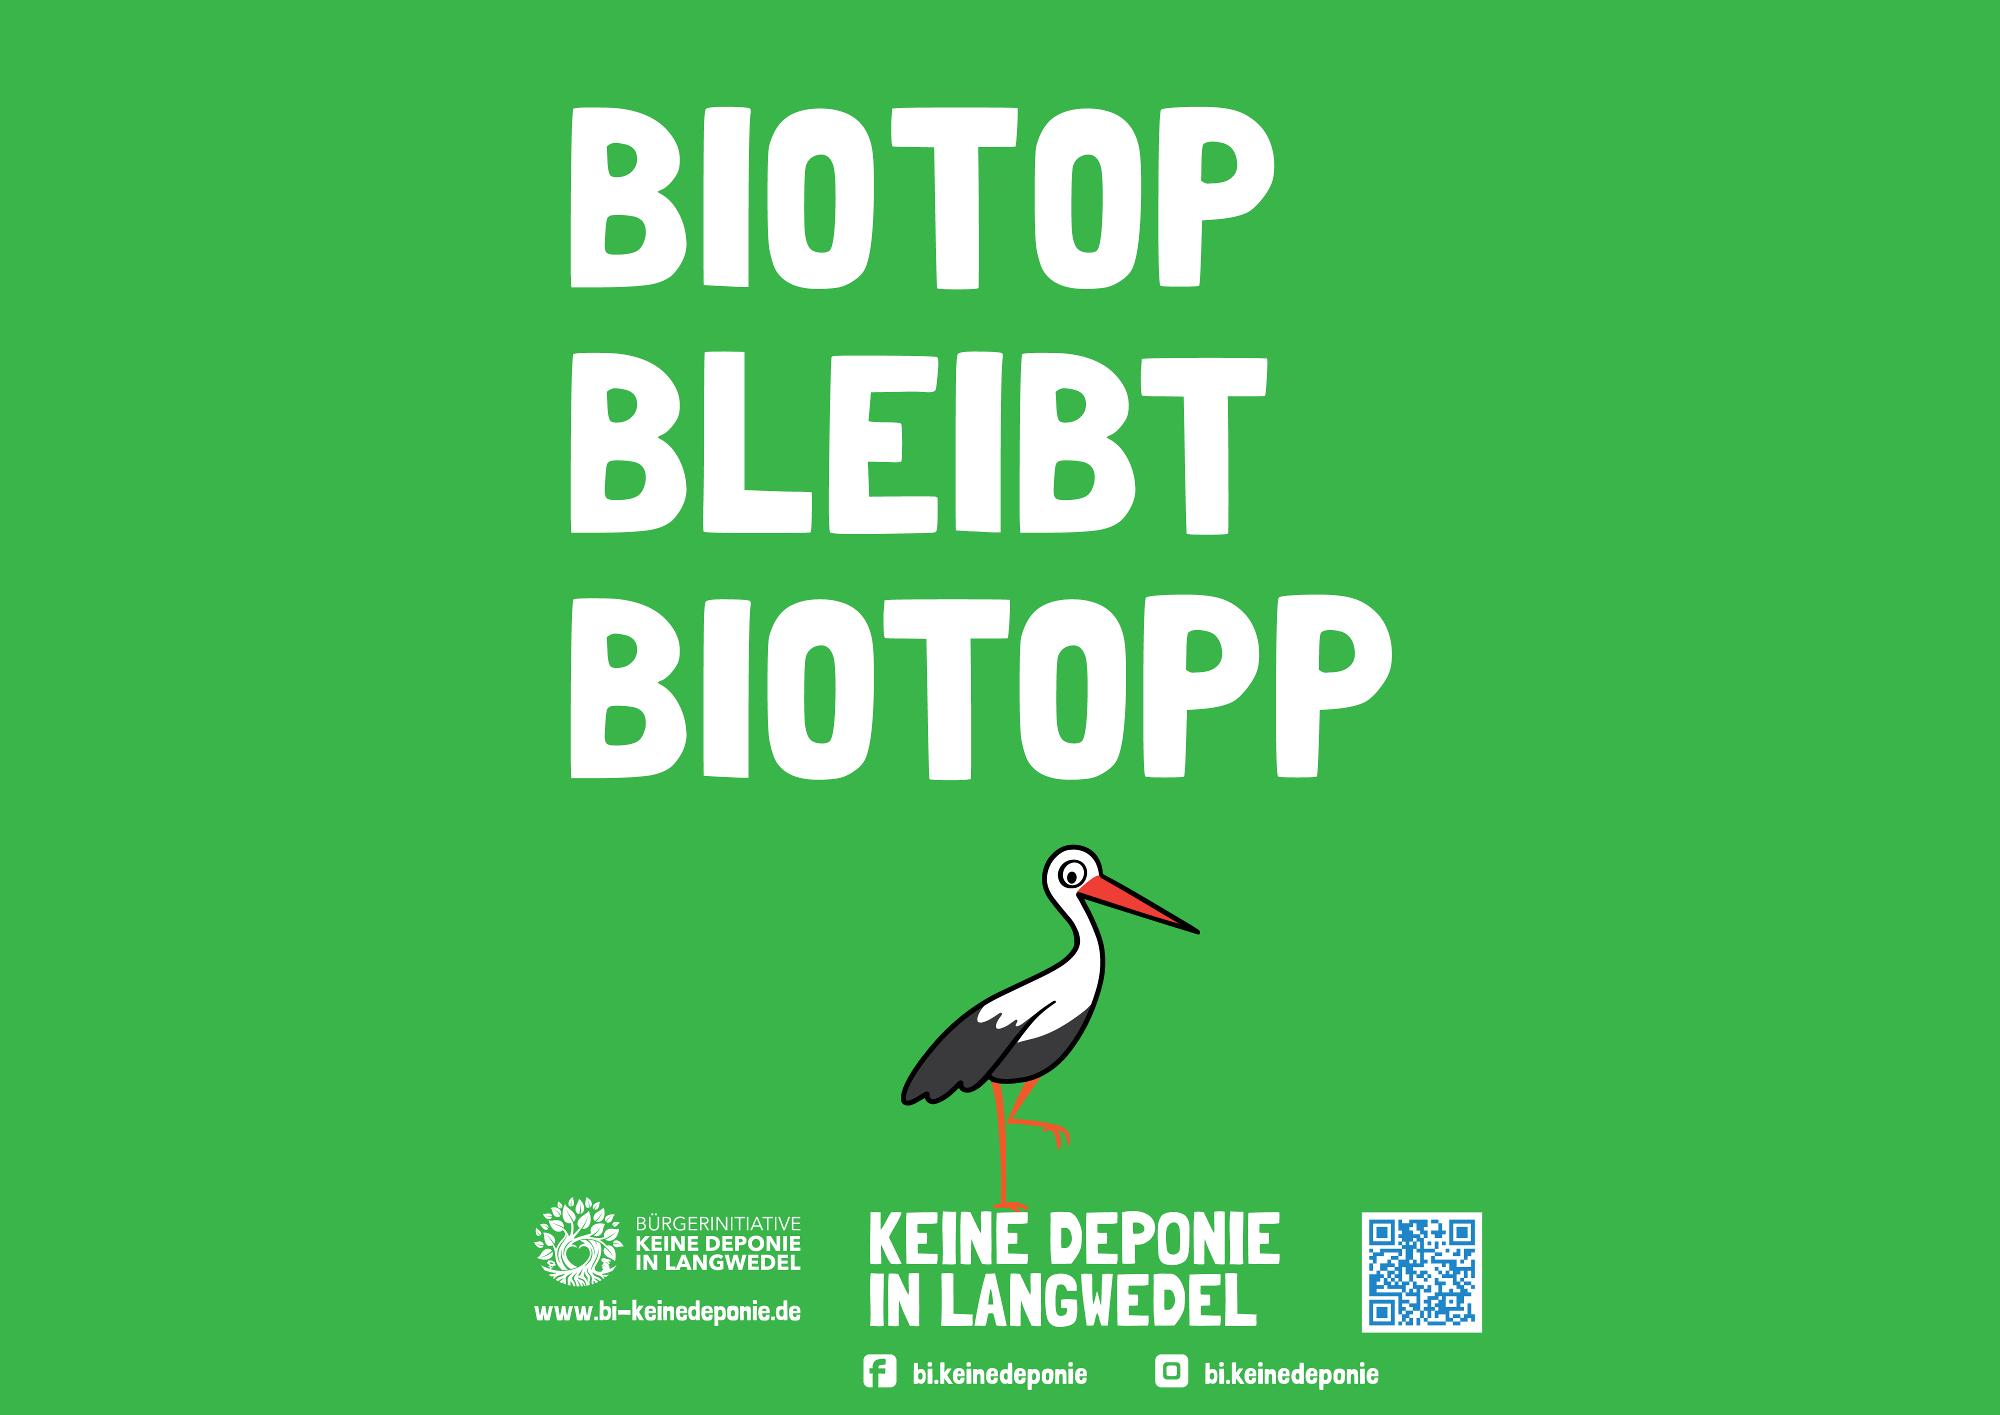 Plakat Biotop bleibt Biotopp keine Deponie in Langwedel